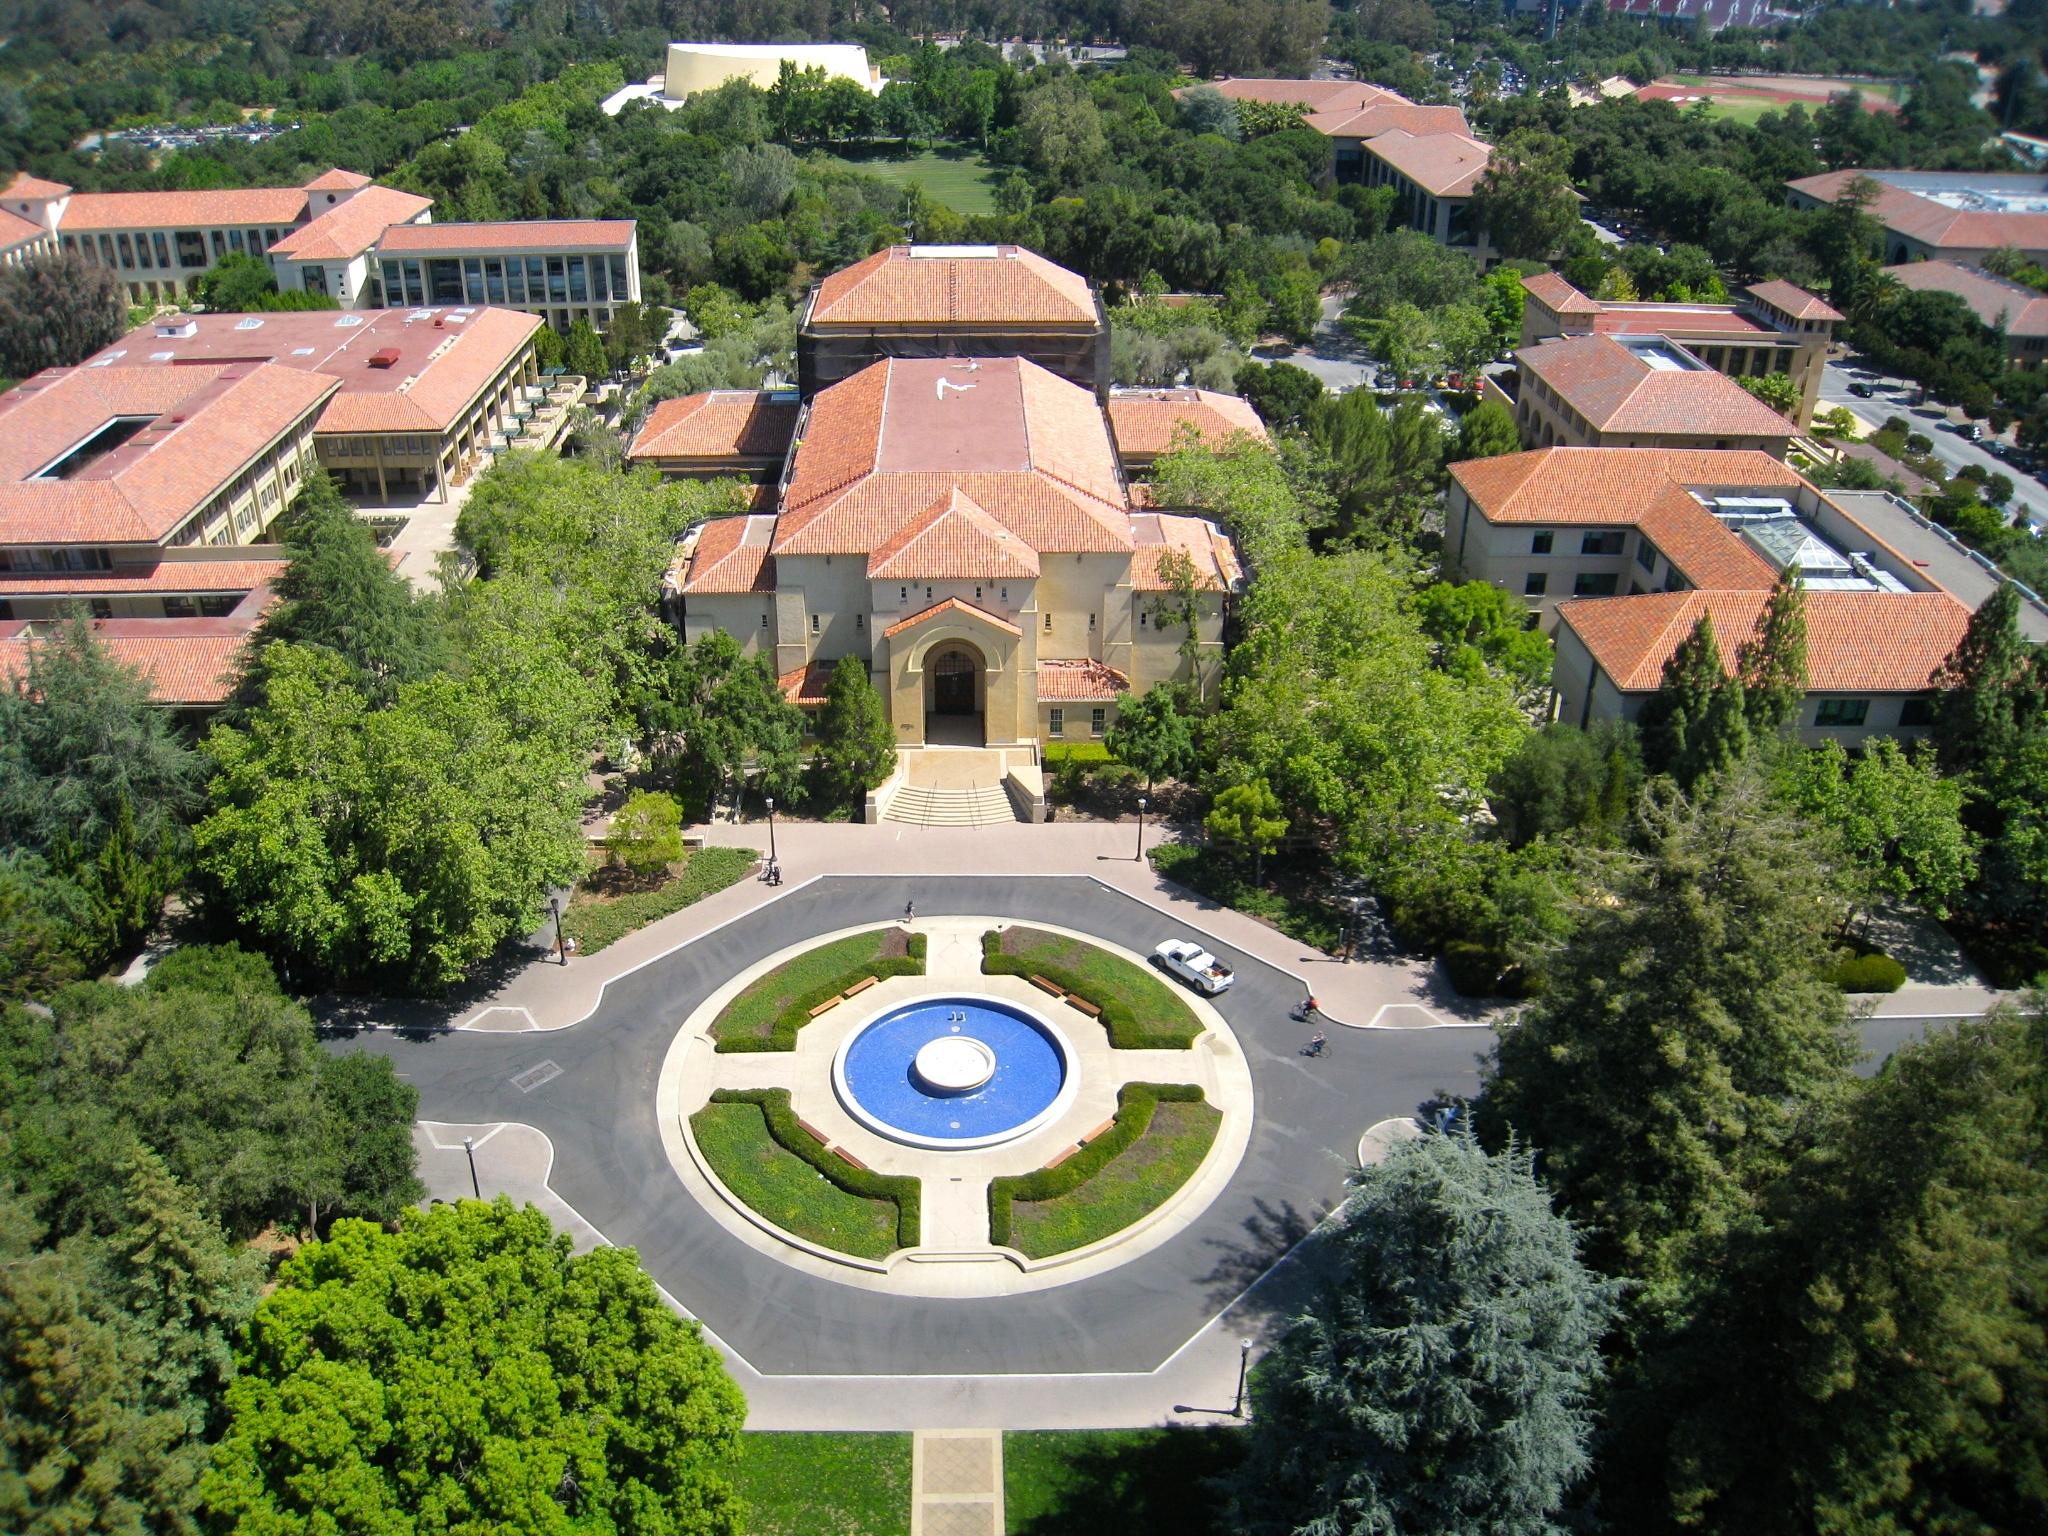 美国斯坦福大学留学硕士申请费用与奖学金材料要求-留学季